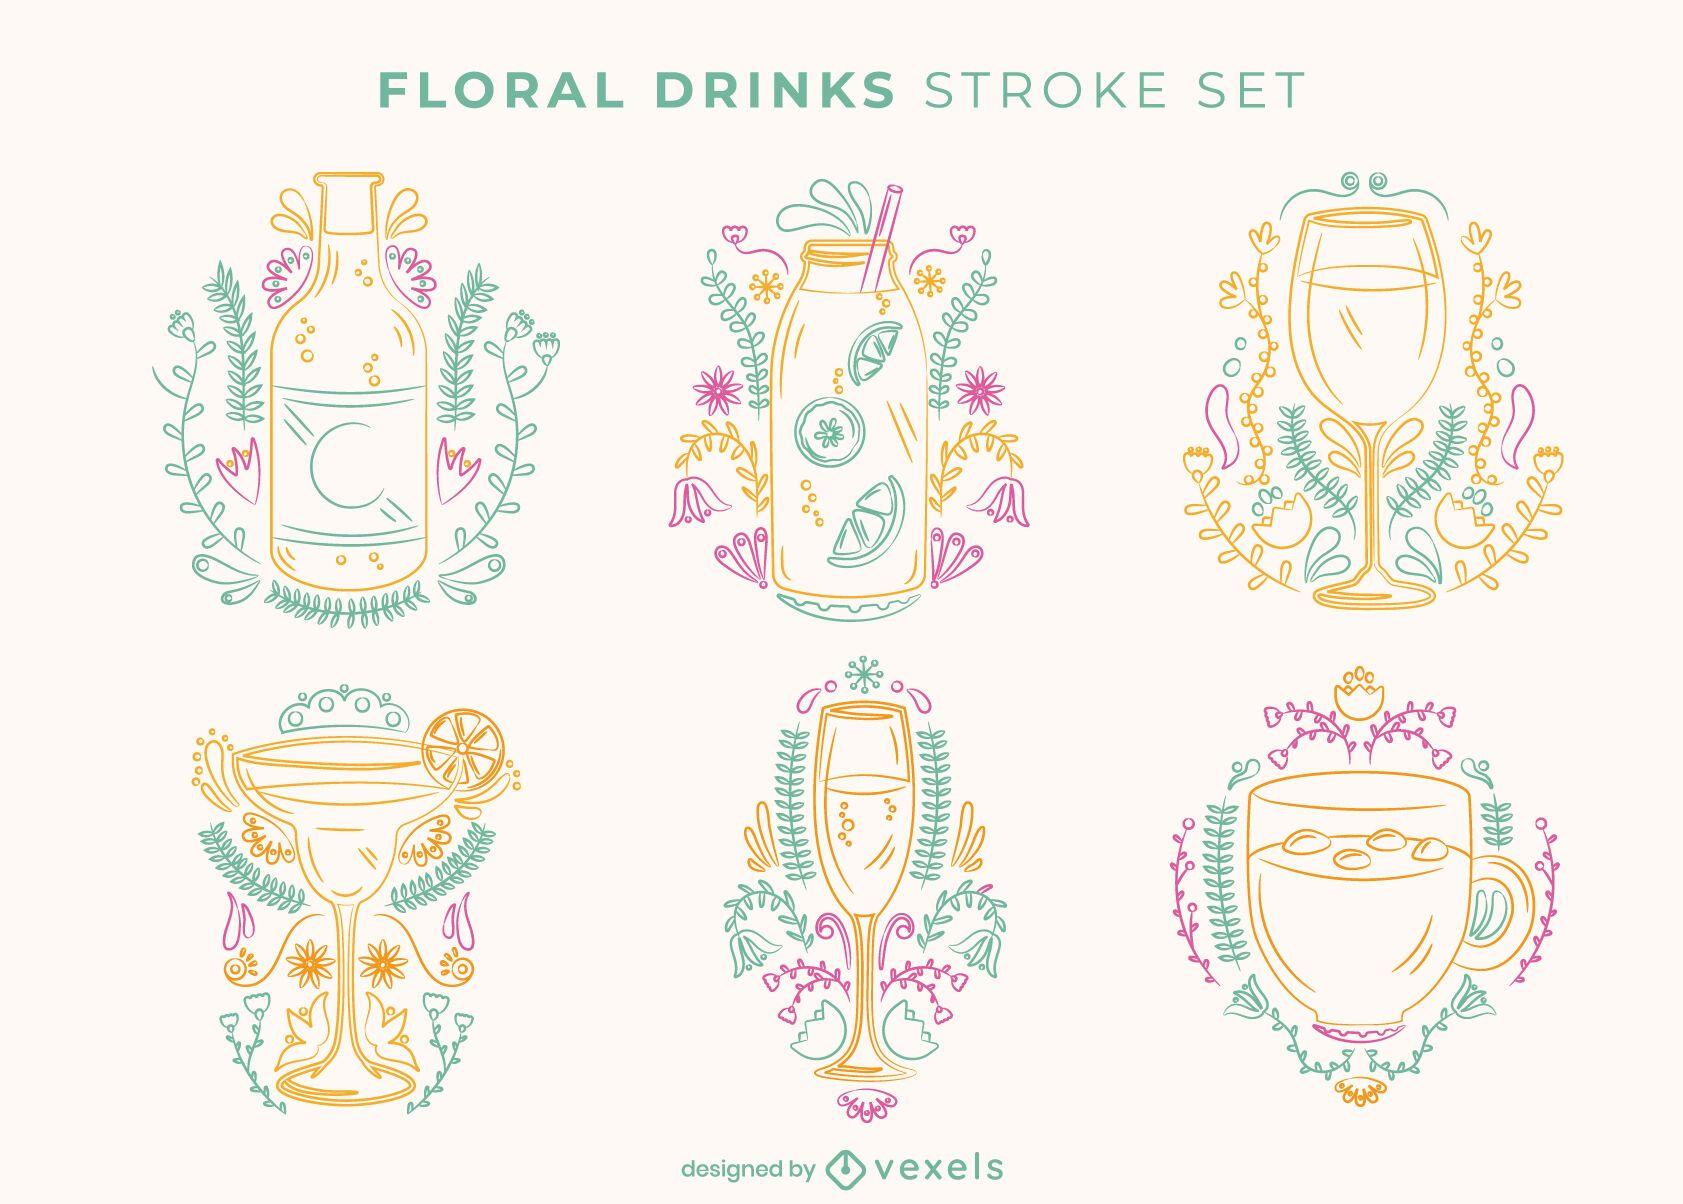 Floral drink stroke set